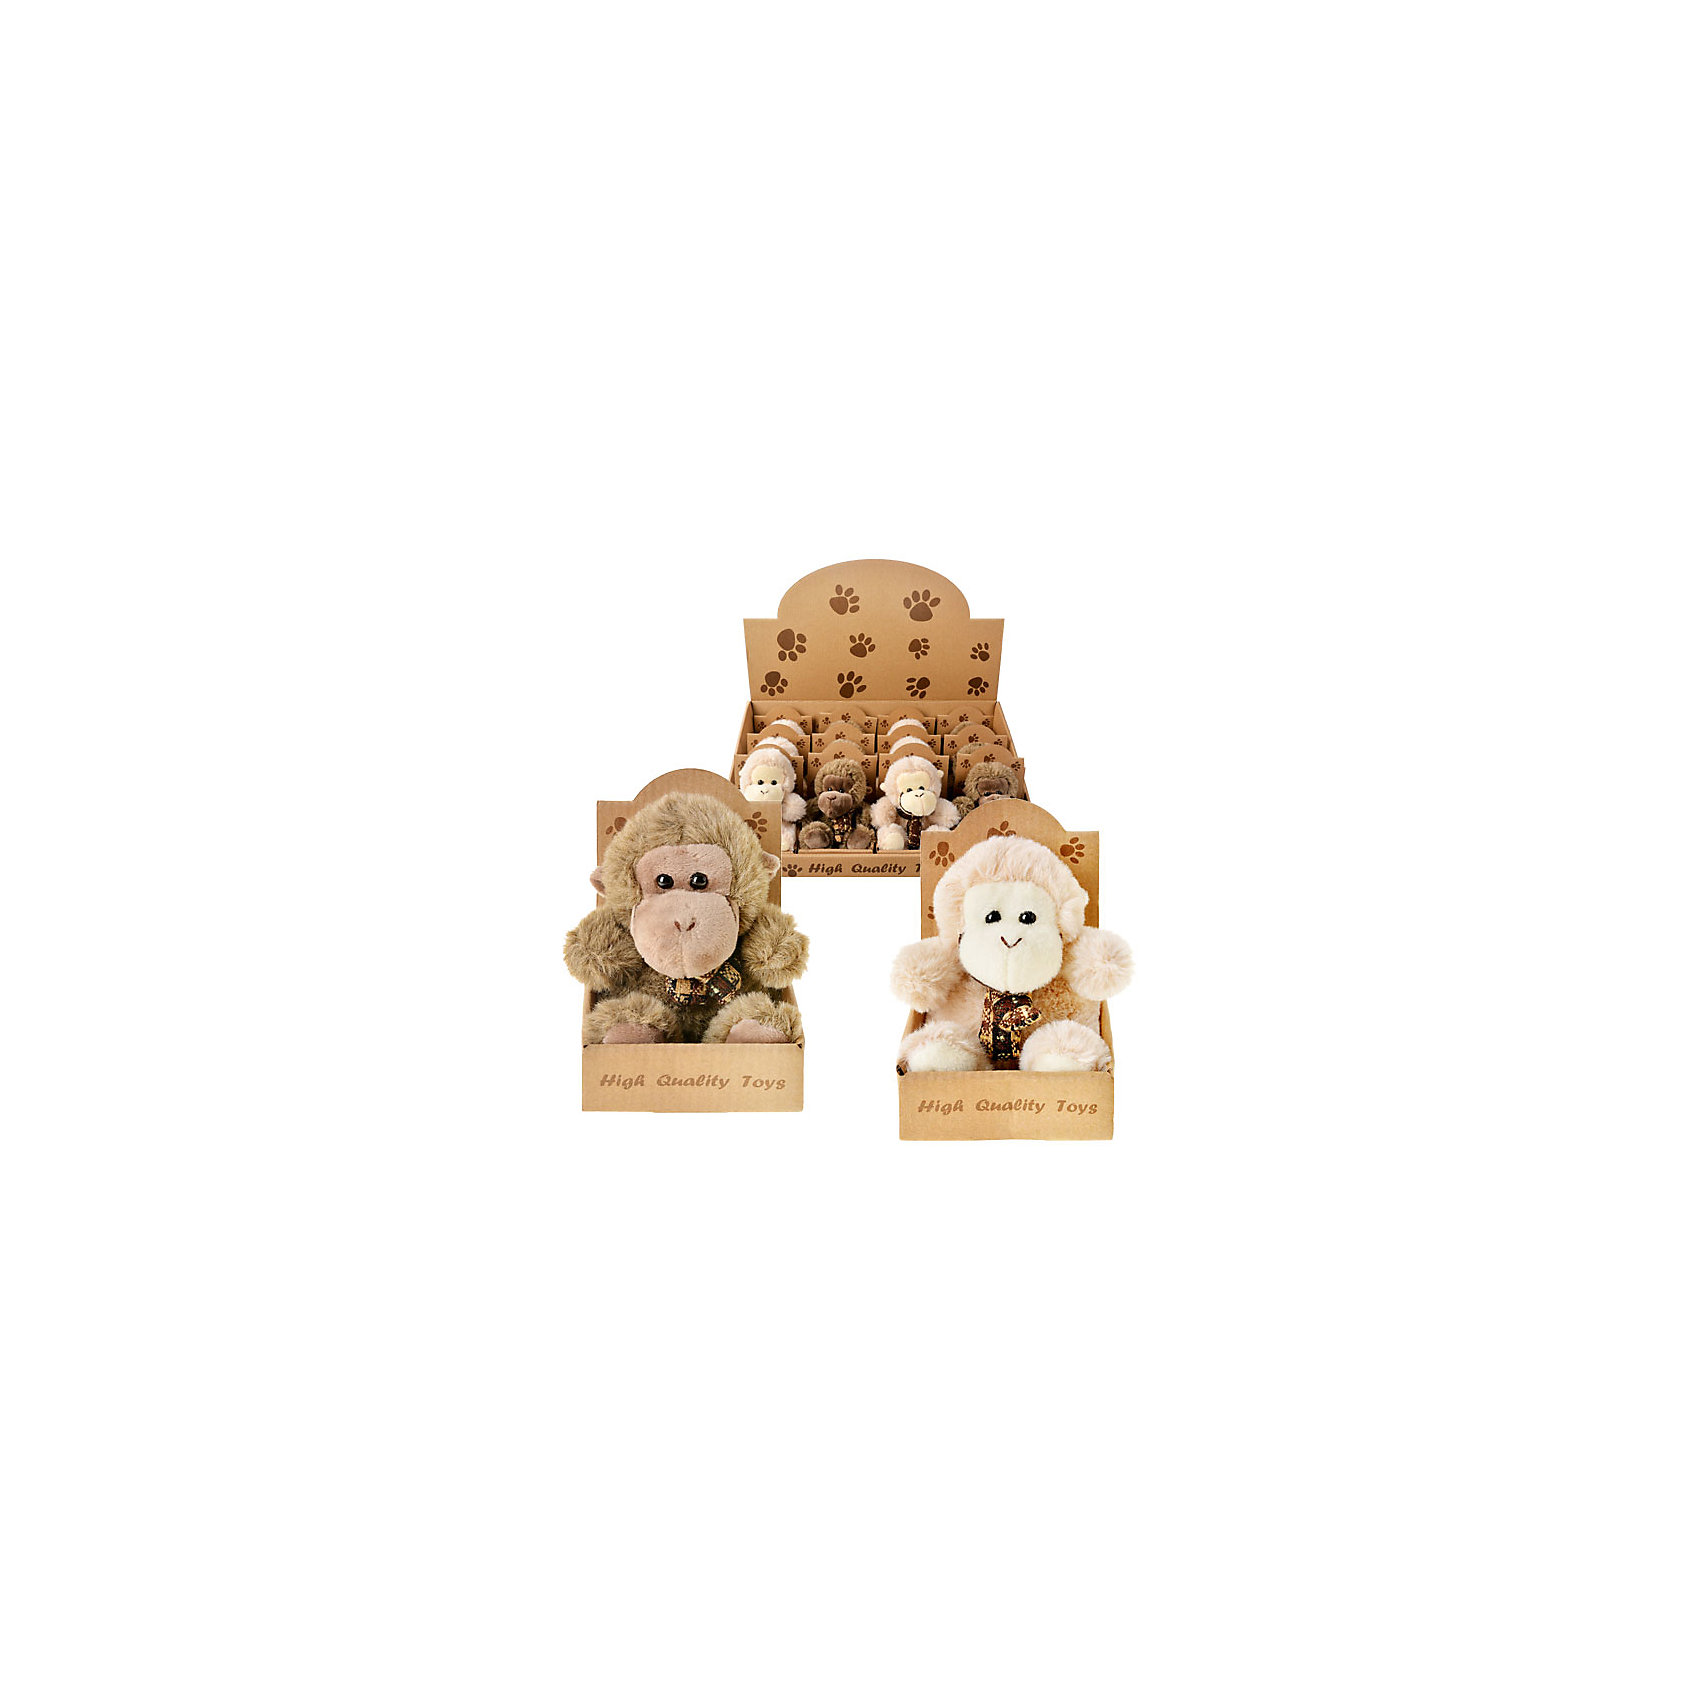 TUKZAR Мягкая игрушка Обезьяна, в ассортименте php srl коврик придверный мозаика 40x68 см yw4aolj